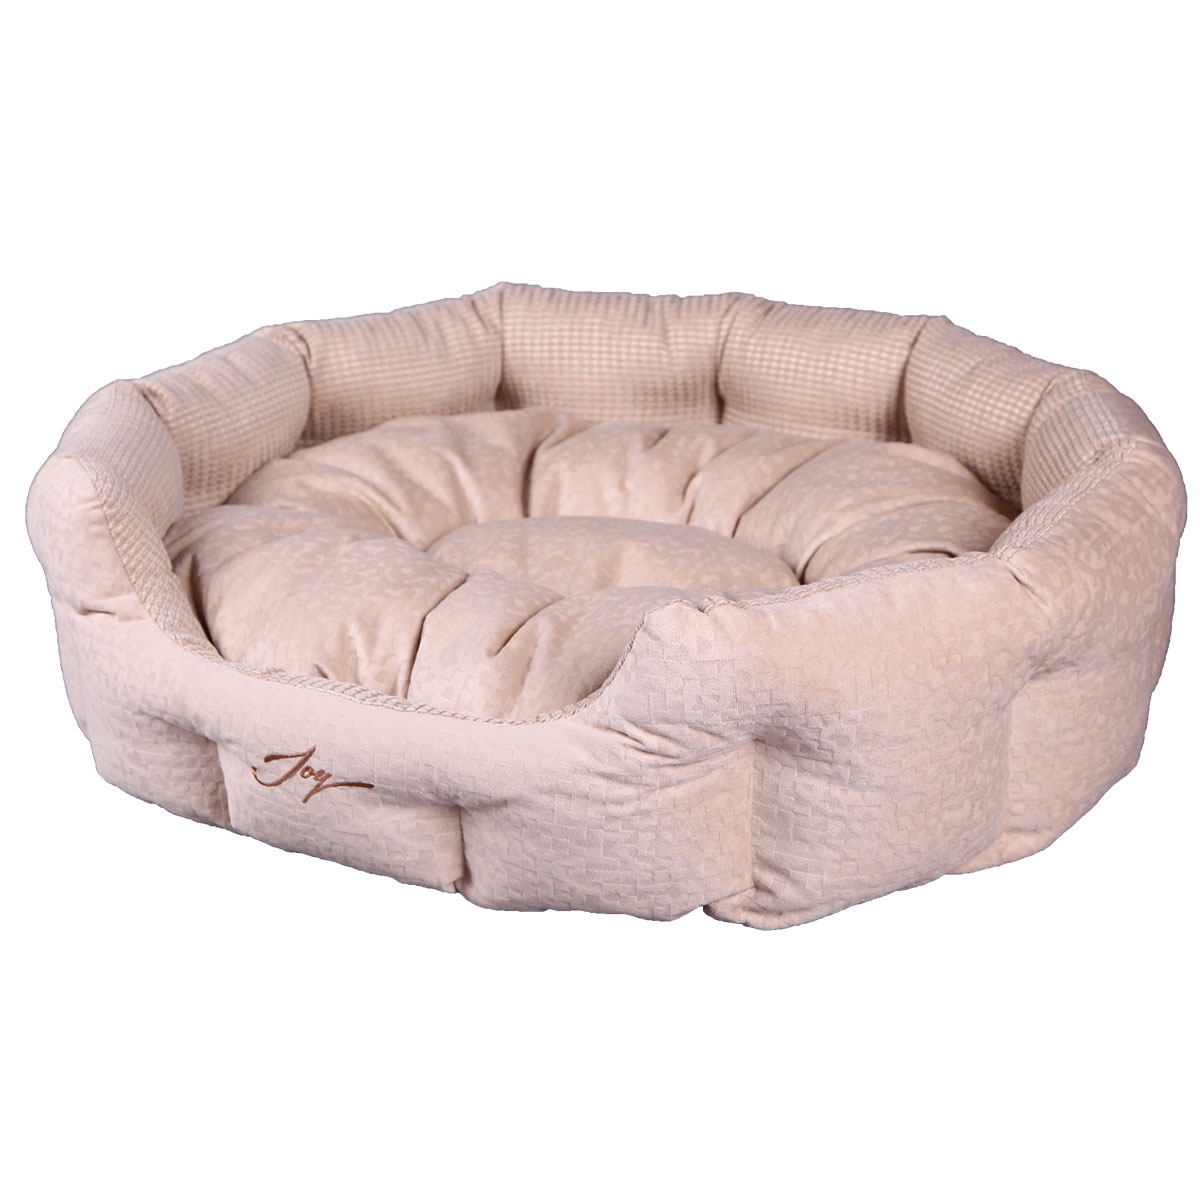 цены Лежанка круглая 50х40х20см JOY для собак